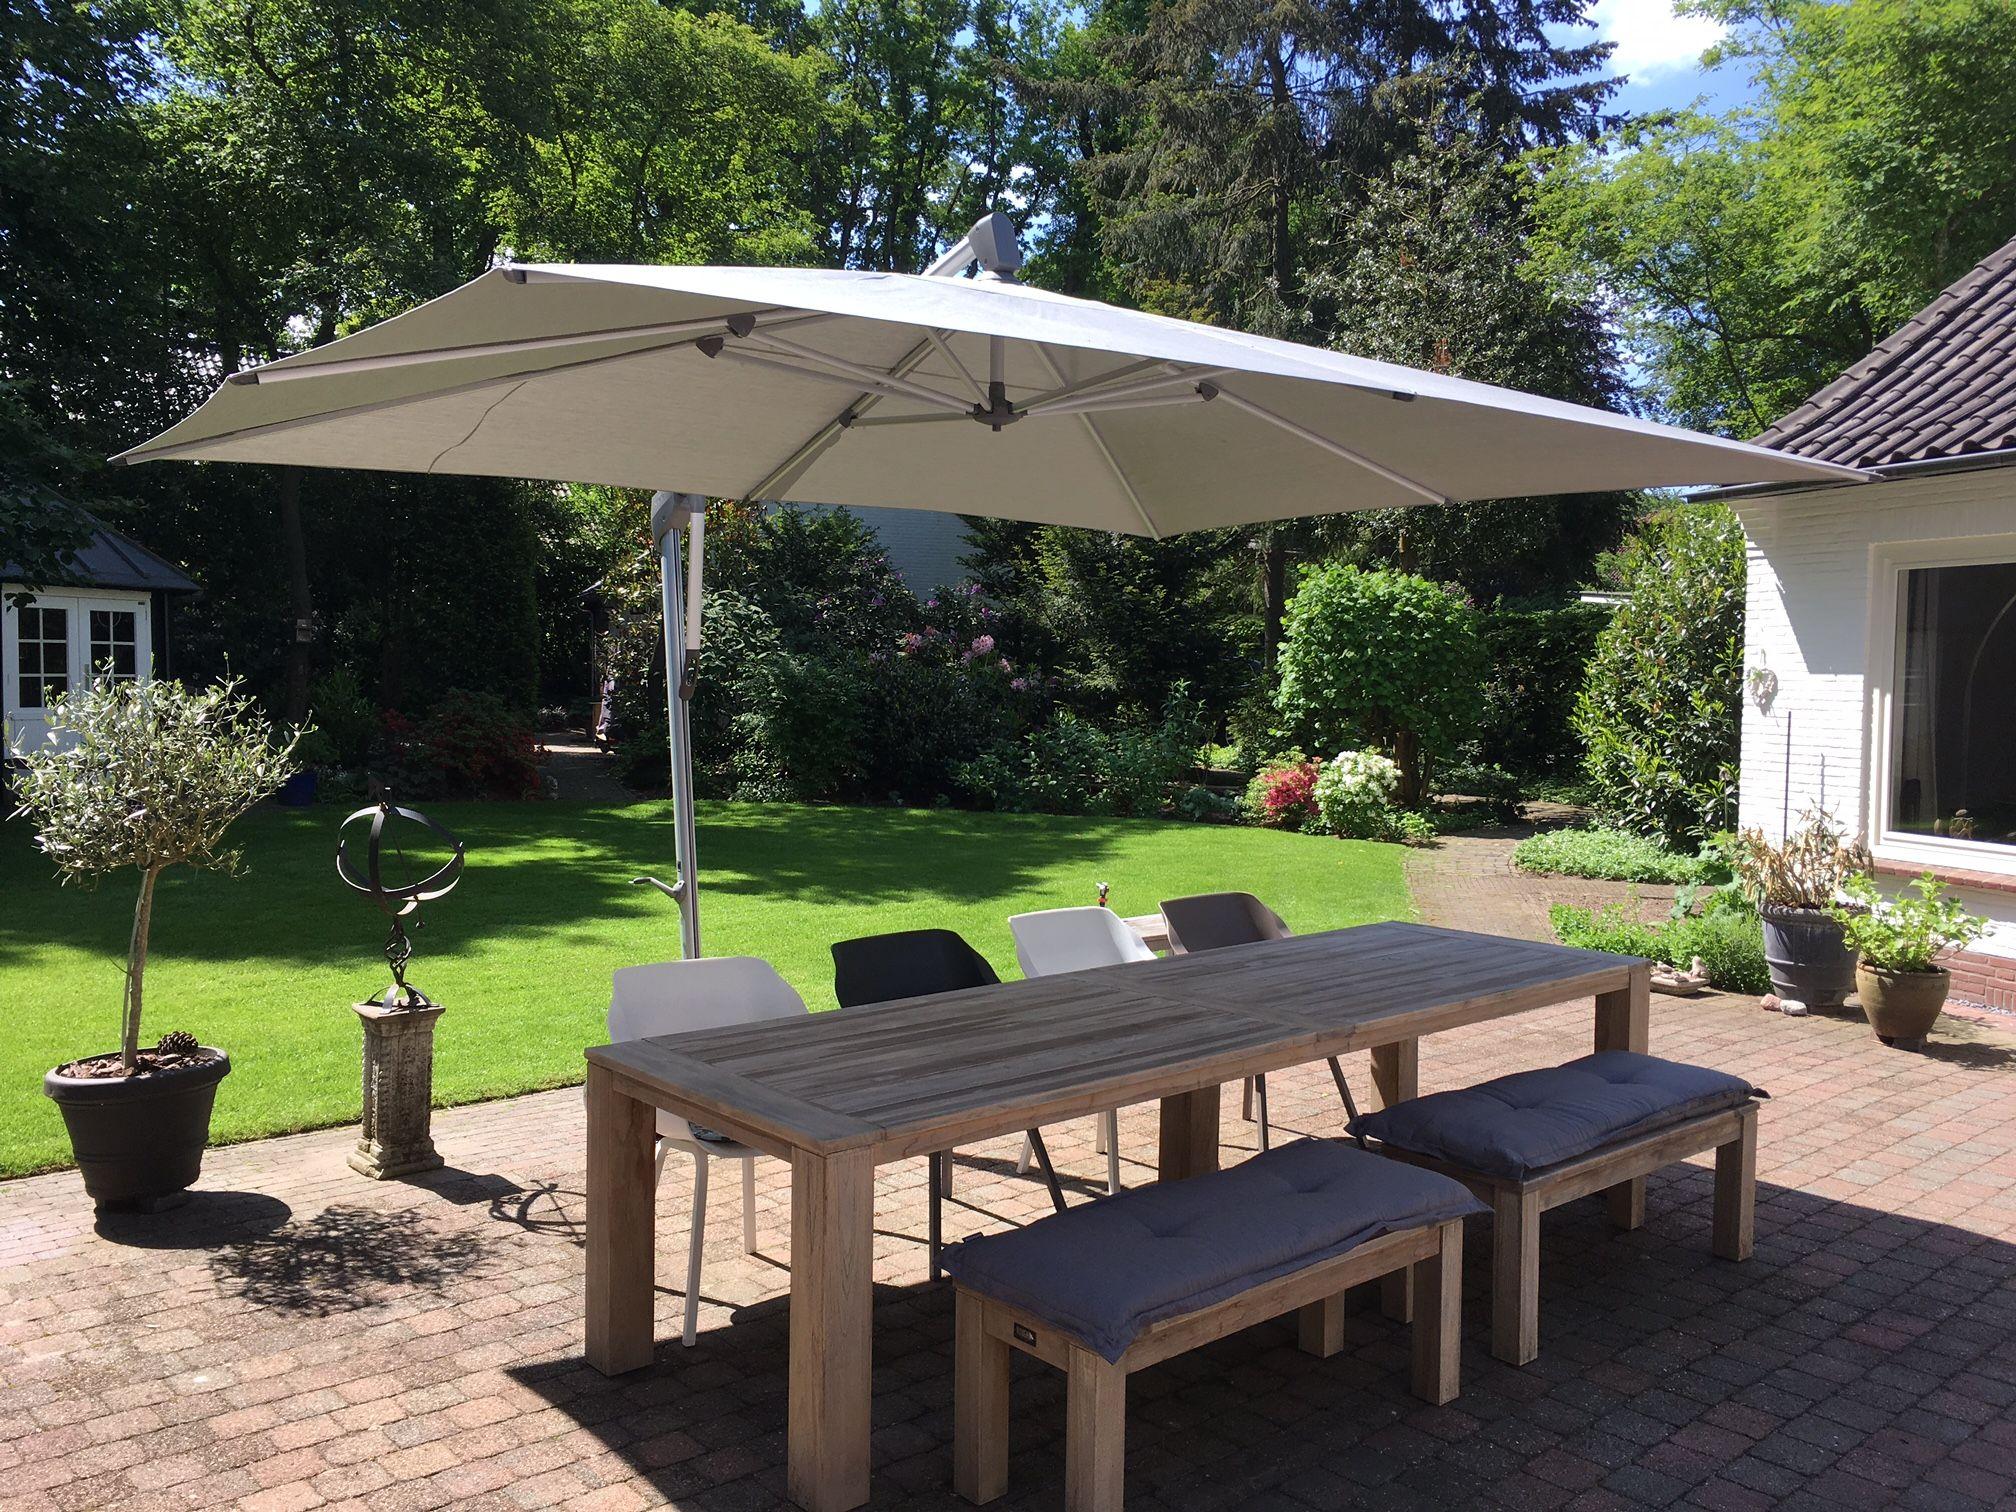 Heerlijke tuin met een grote stoere houten tafel waar je